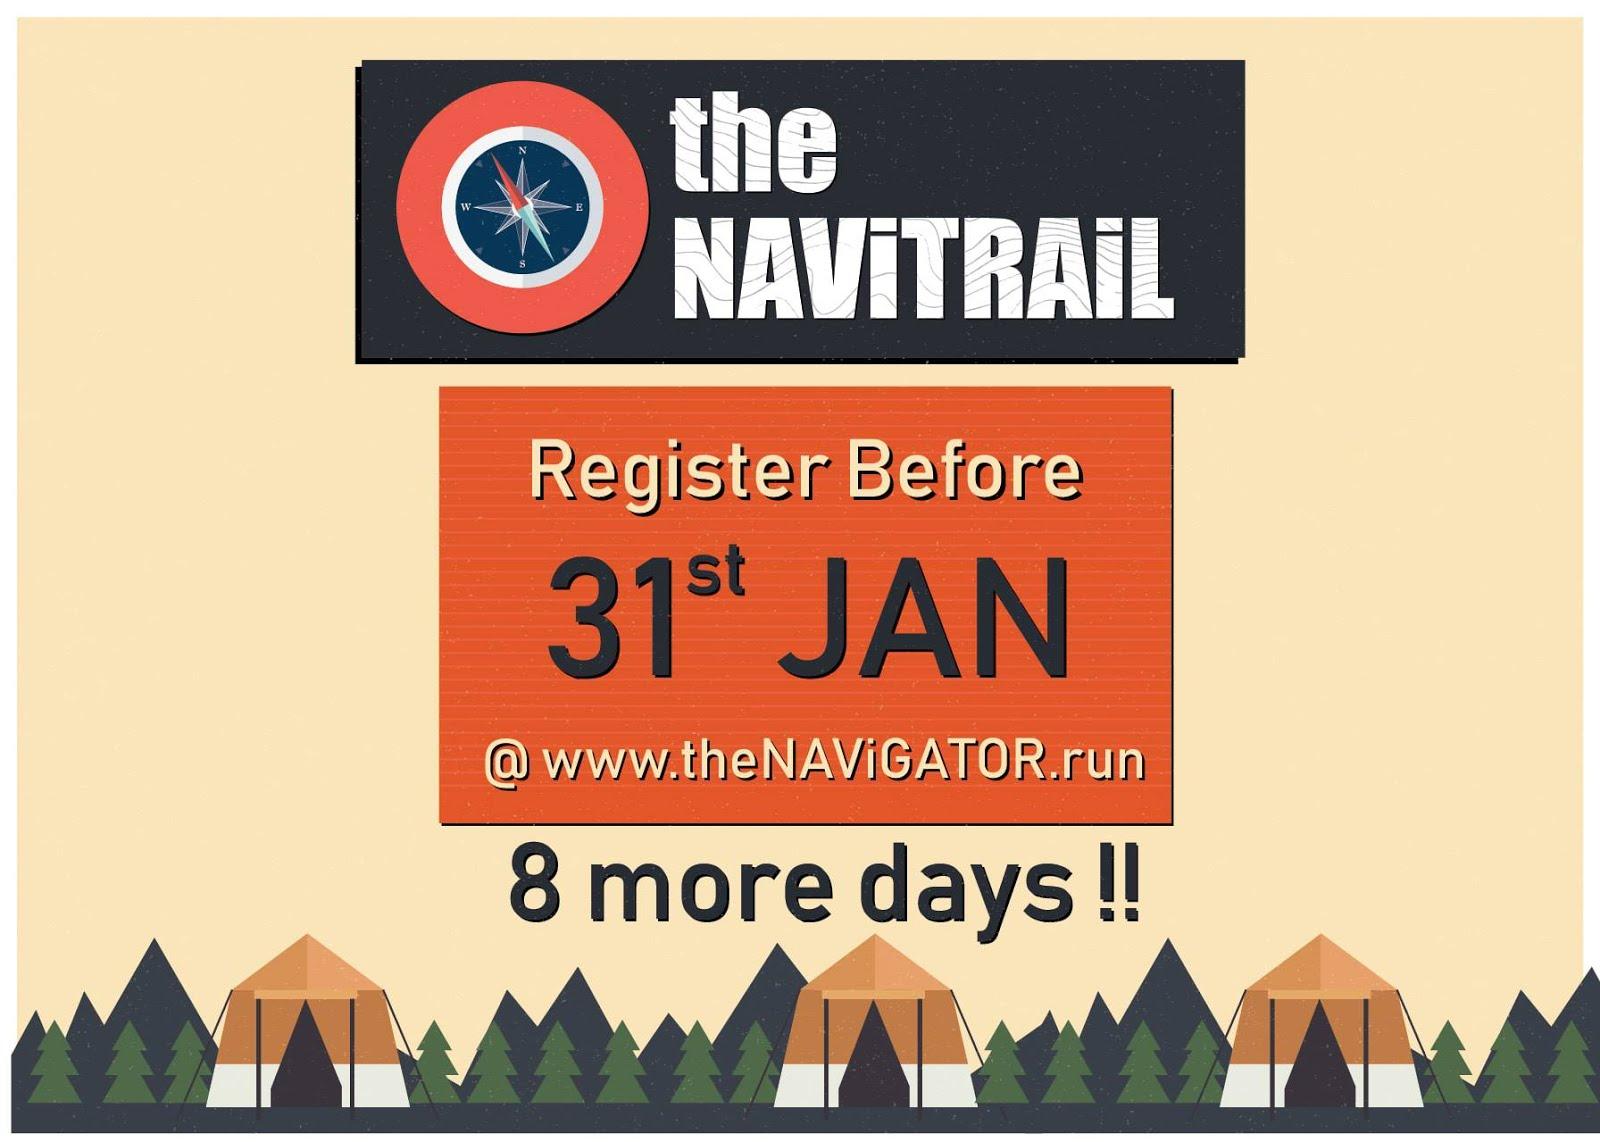 The NaviTrail 2019 – กิจกรรมการเดินเทรลแบบทีม ที่ต้องอาศัยทักษะวางแผนการเดินทางประกอบกับความสามารถในการเดินทางไกล